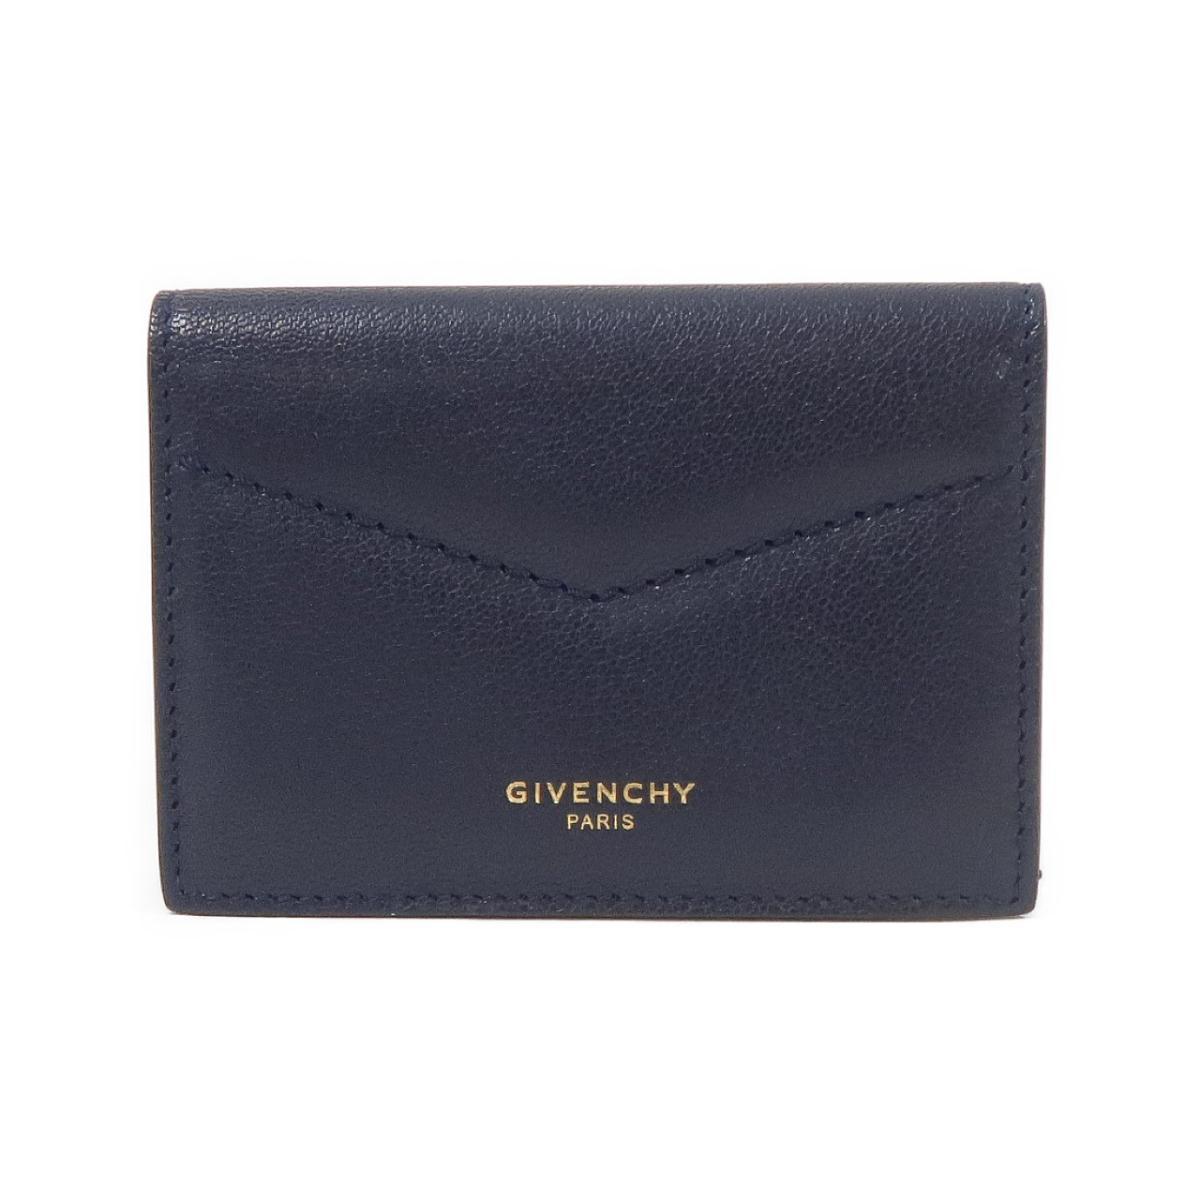 ジバンシーの財布